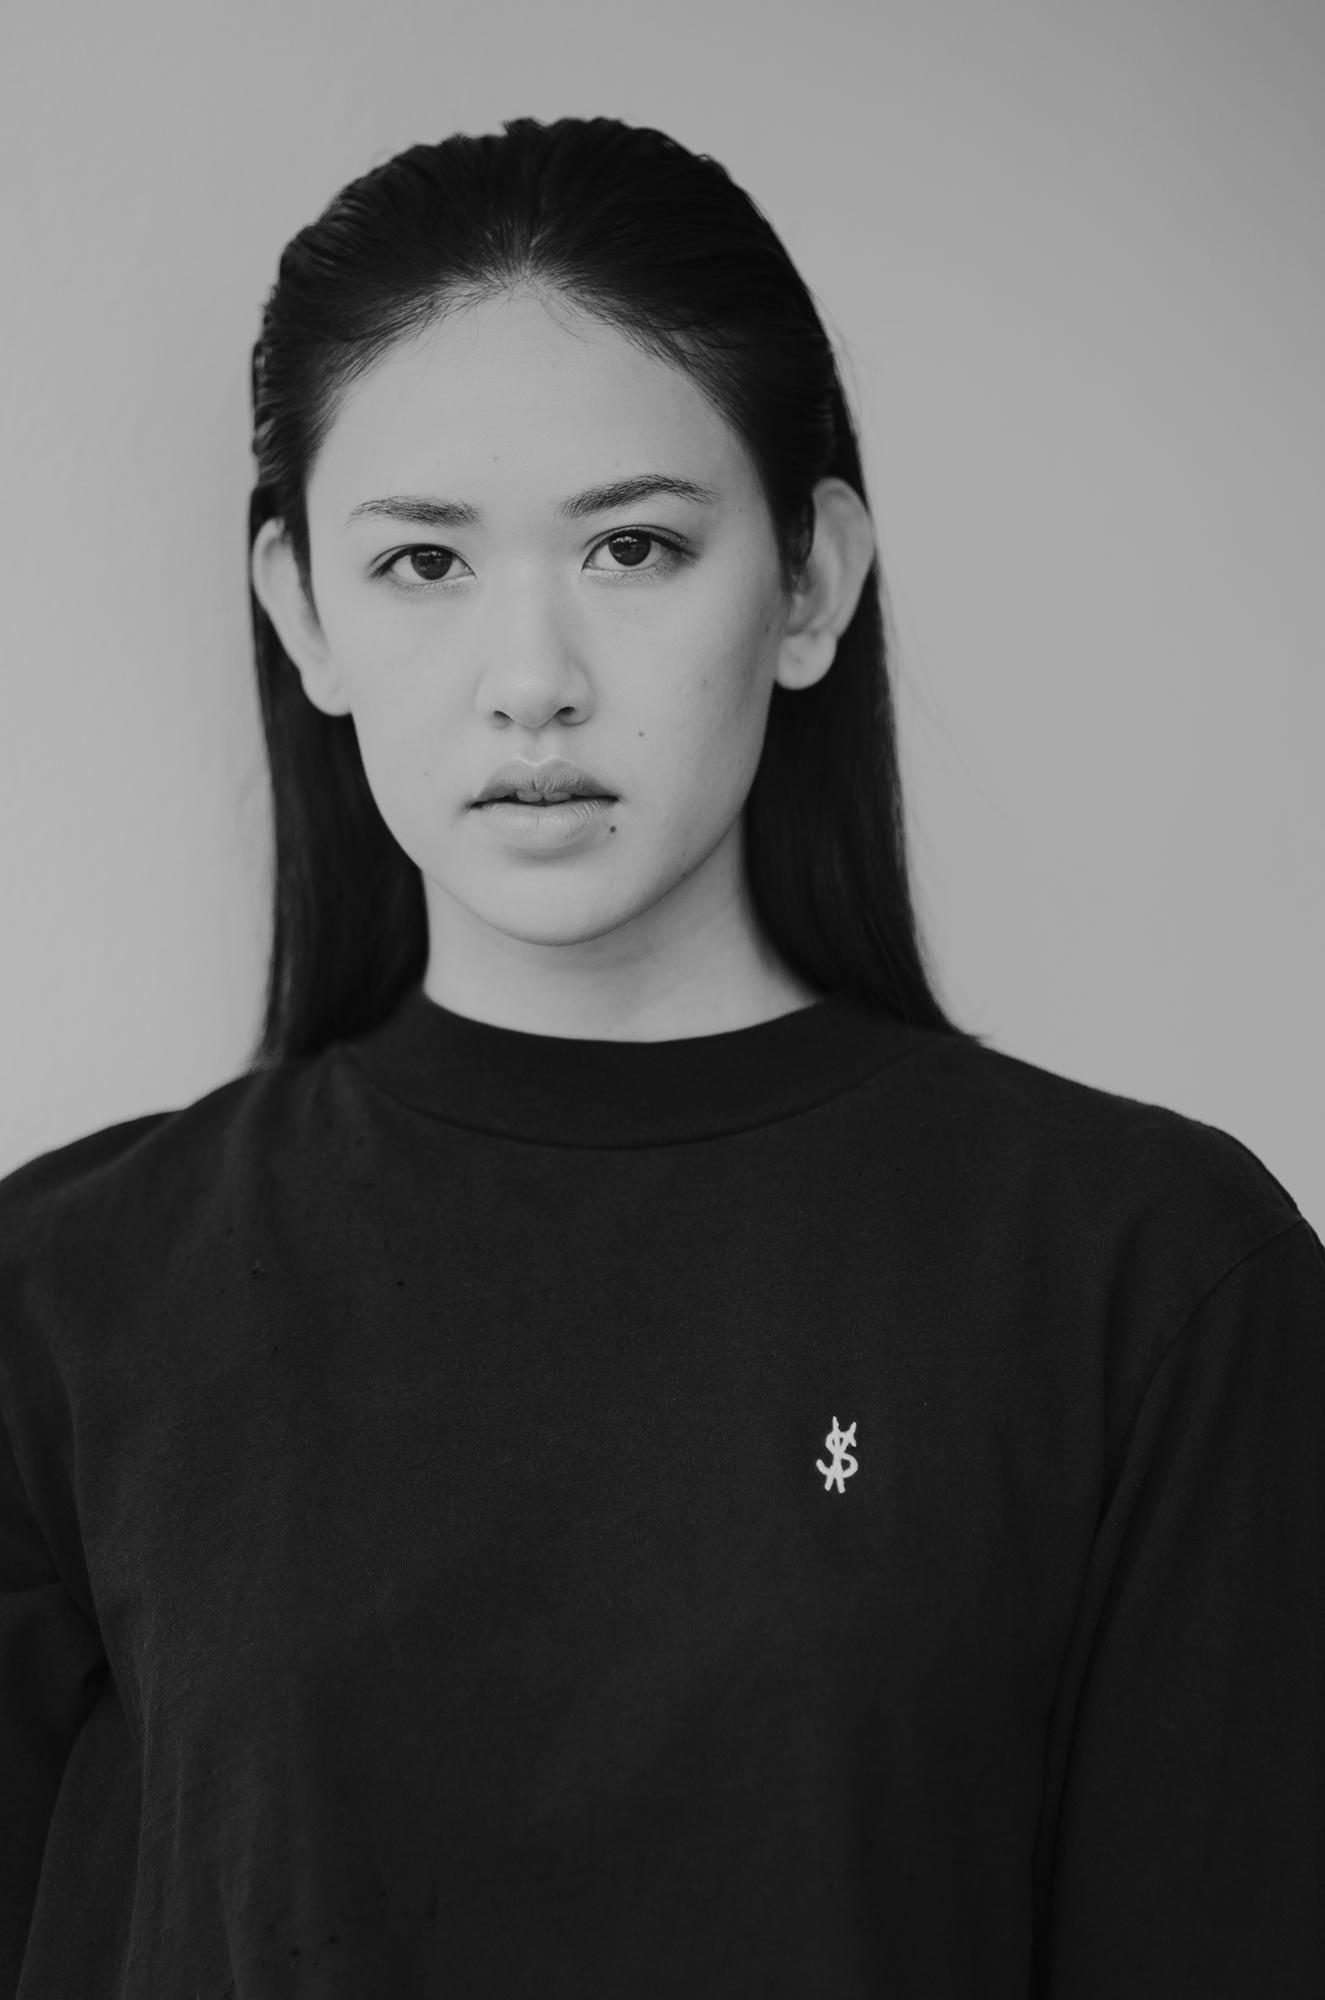 NEUE model Pearl Ditthavong wears Ksubi